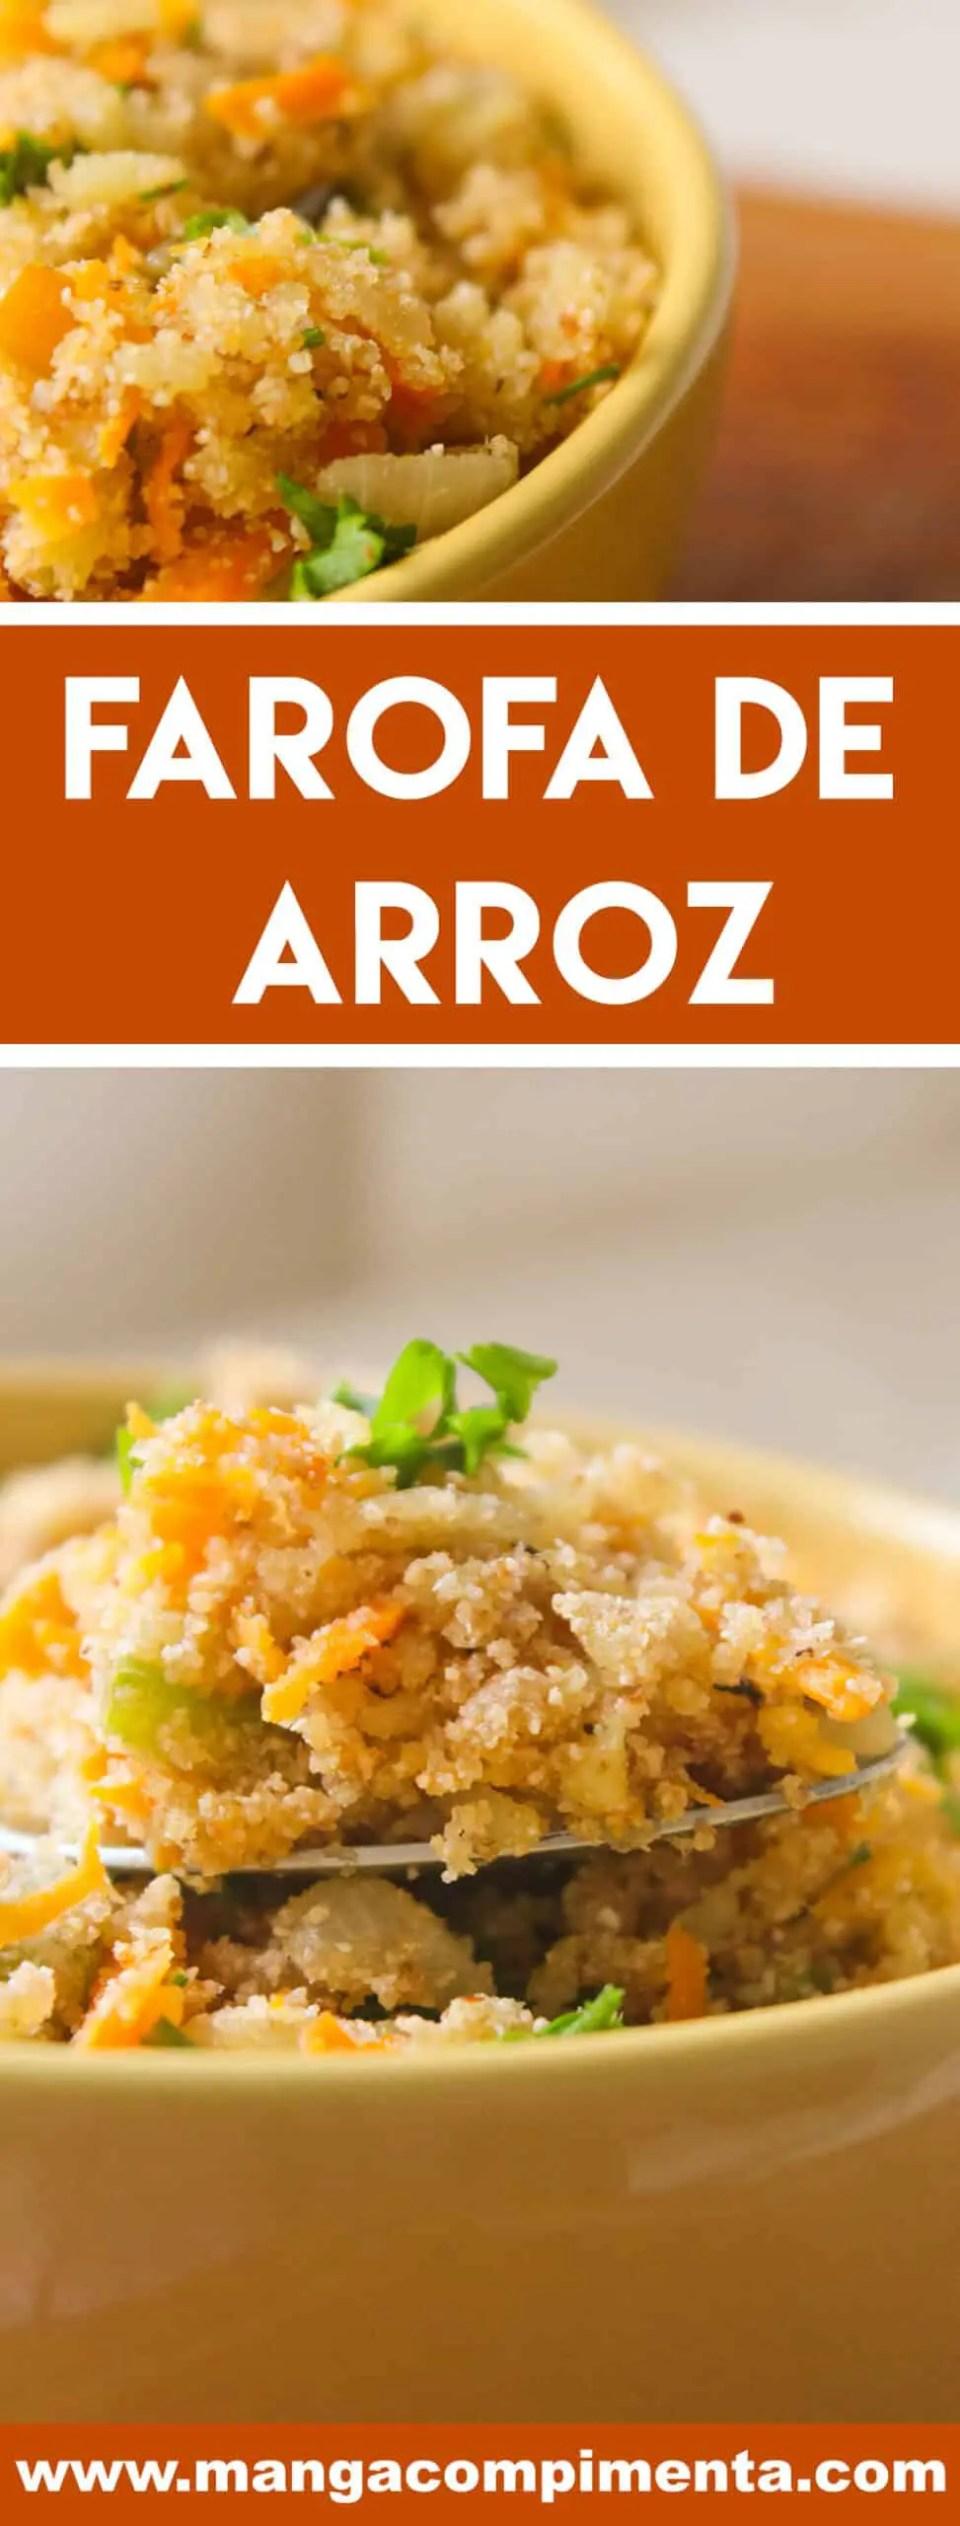 Receita de Farofa de Arroz - aproveite o feriadão de carnaval para preparar um delicioso churrasco e servir essa farofa deliciosa.